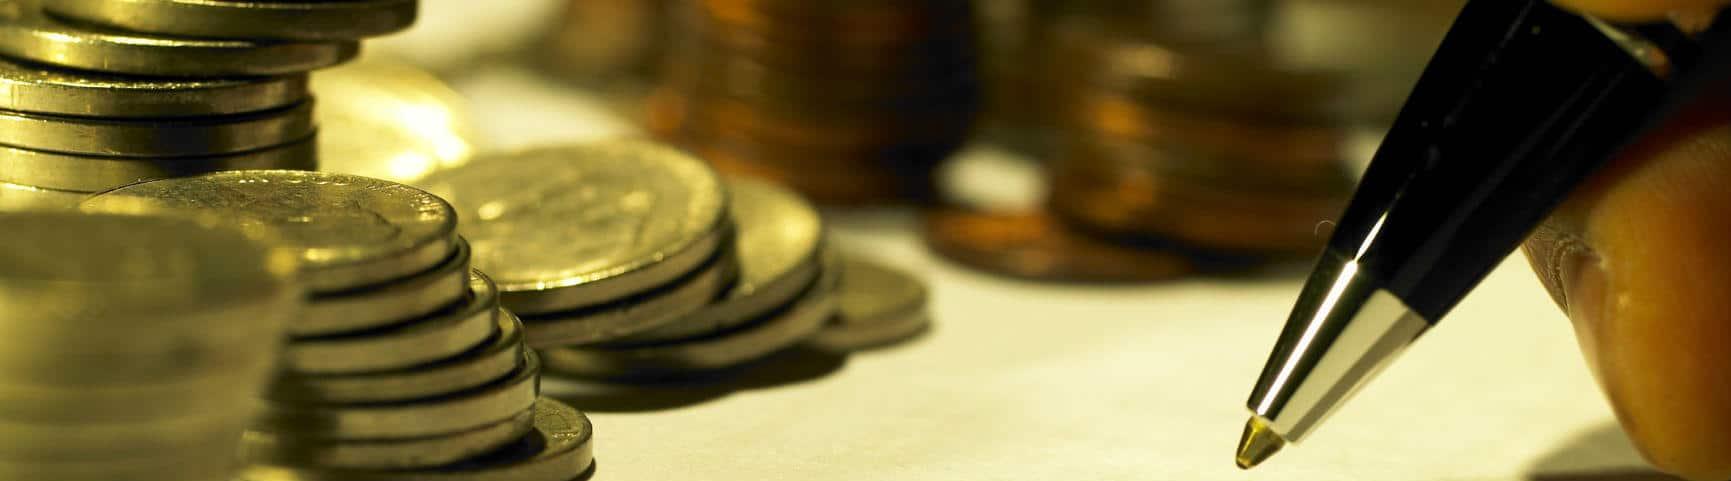 MAPFRE lanza un plan de pensiones gestionado por Carmignac